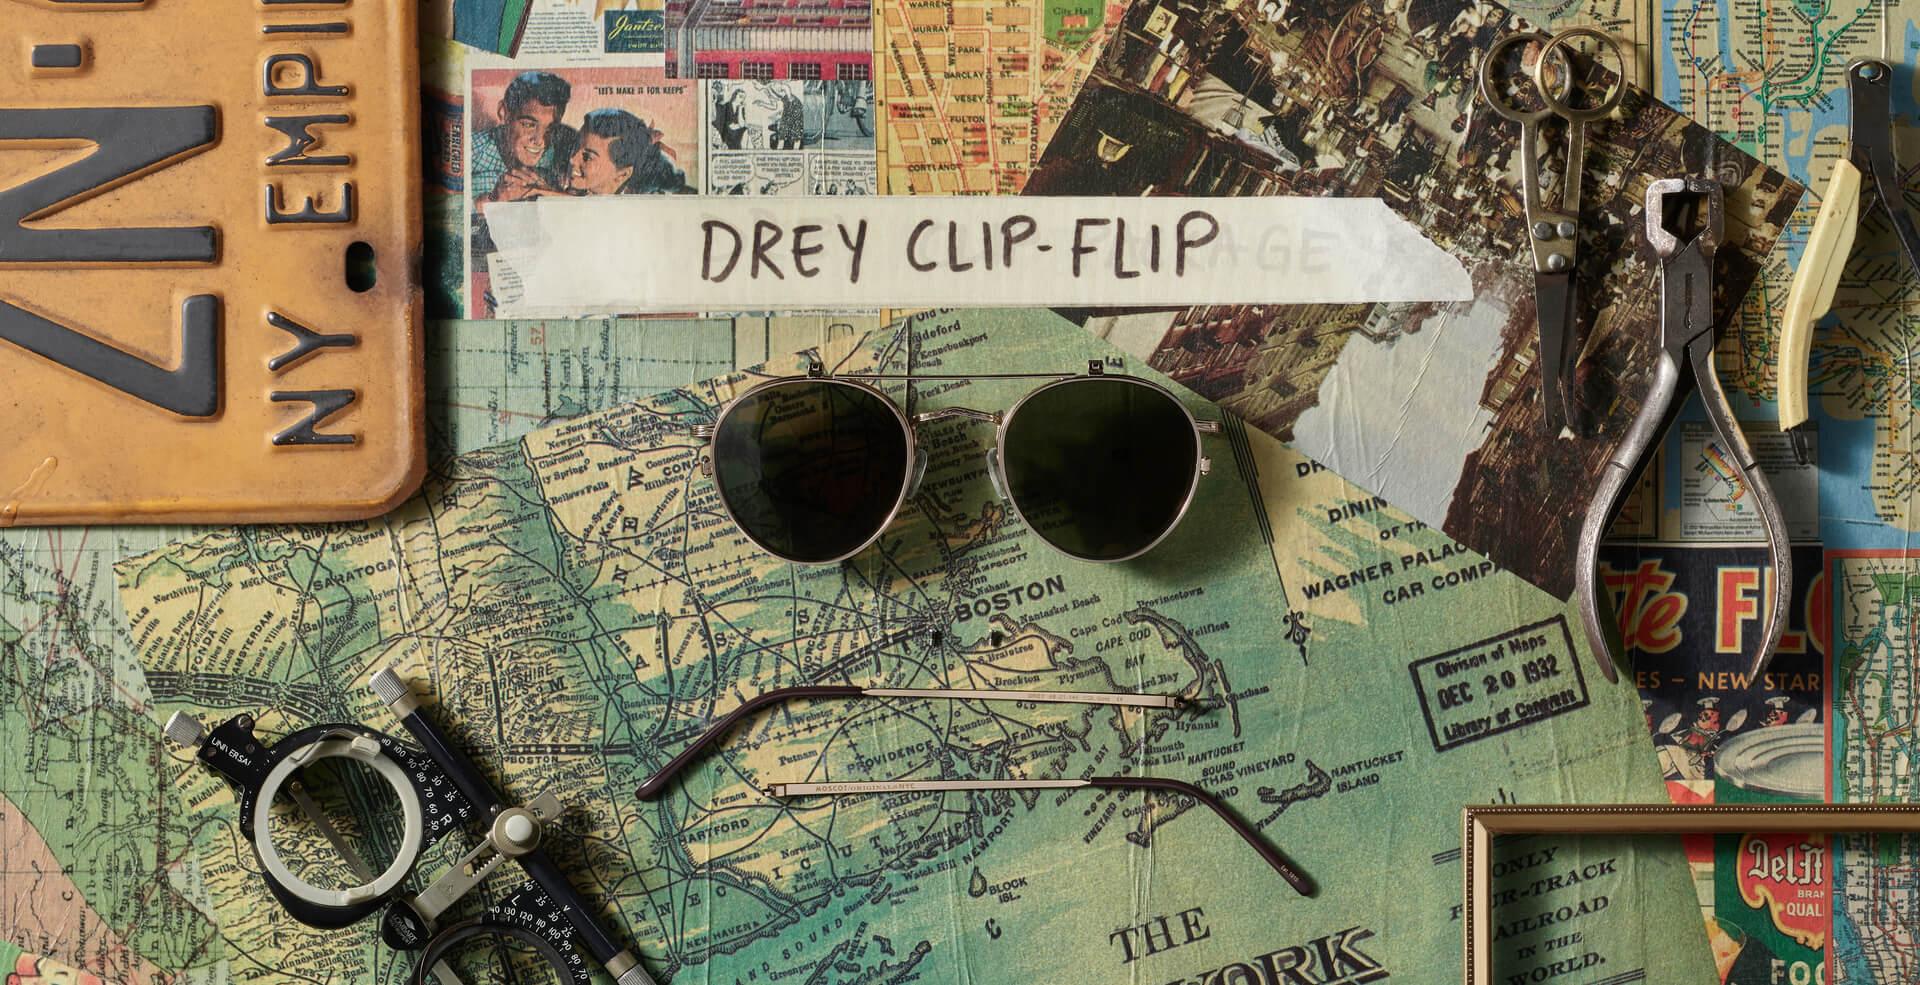 DREY CLIP-FLIP